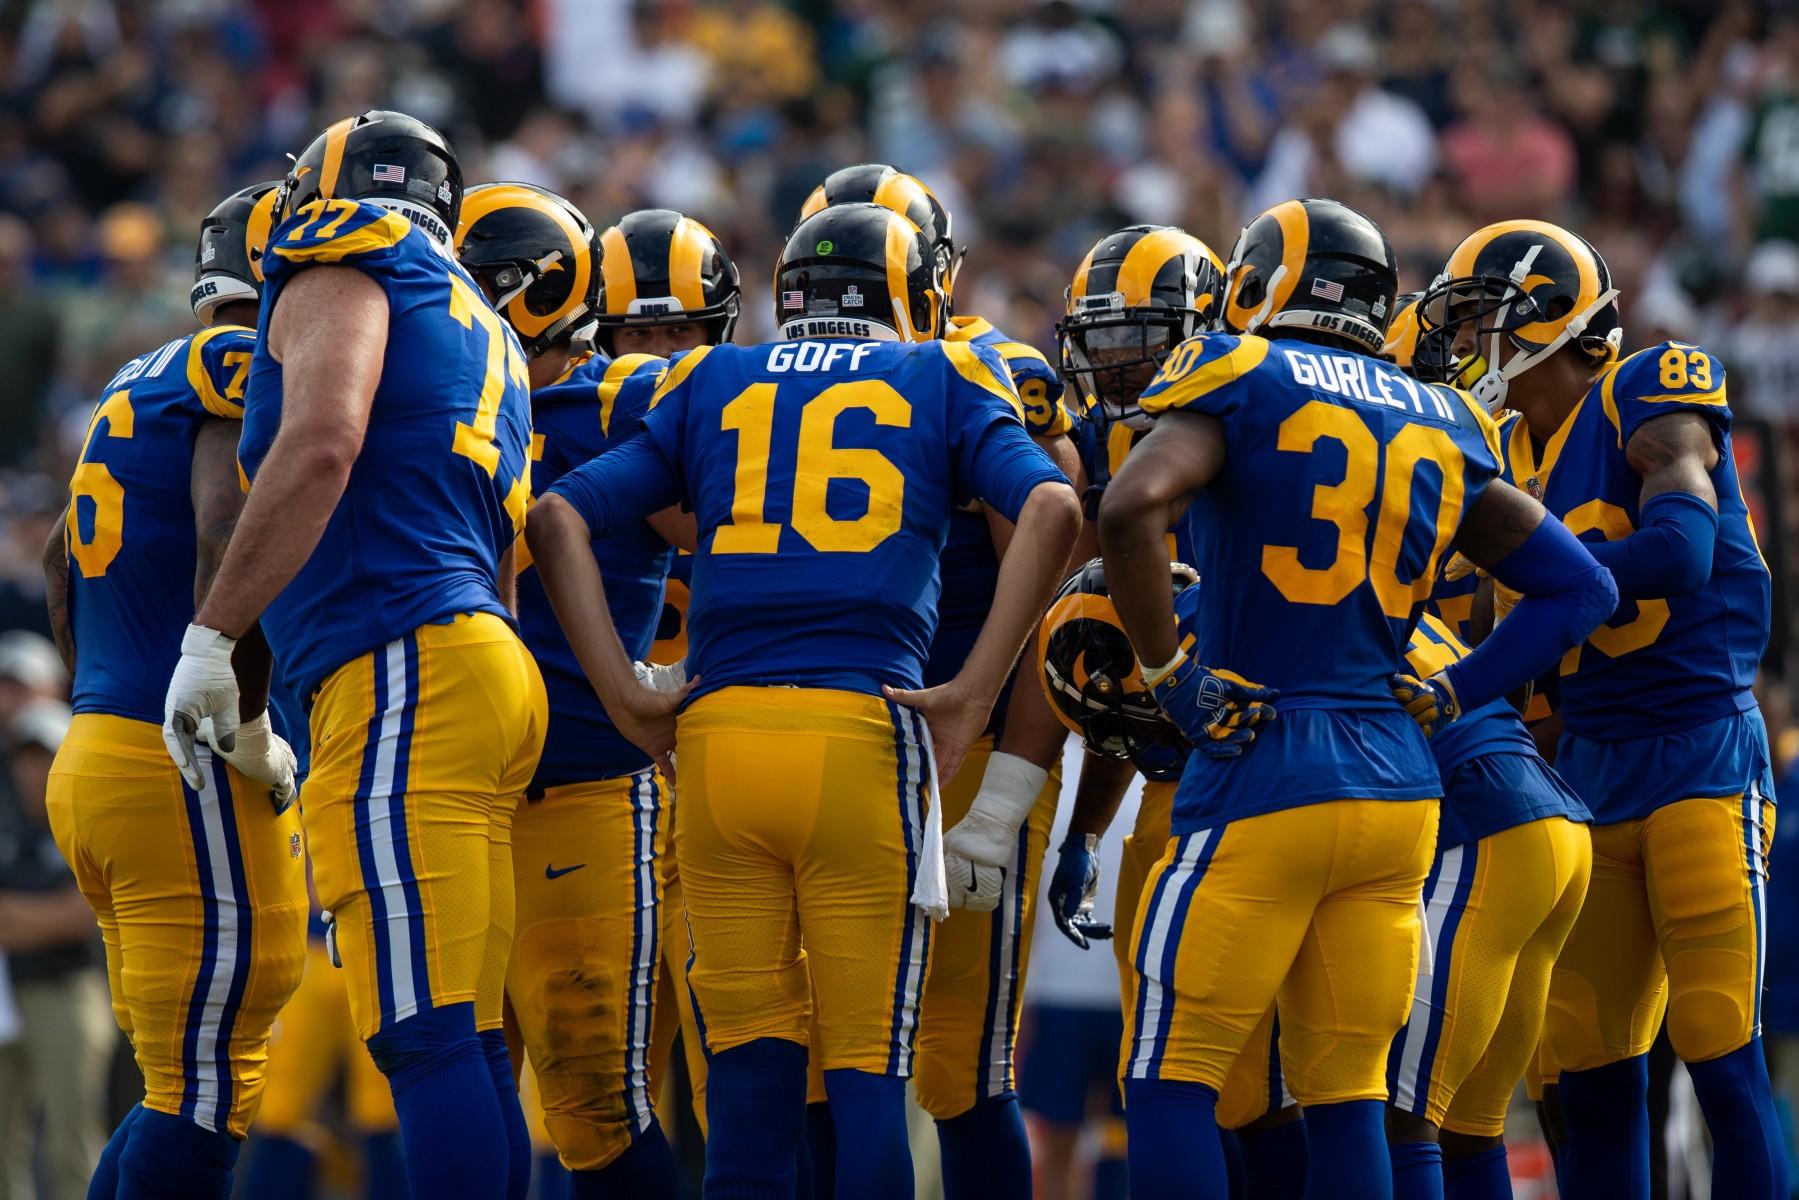 Predstavljanje timova za novu NFL sezonu: Los Anđeles Remsi - Sportske novosti